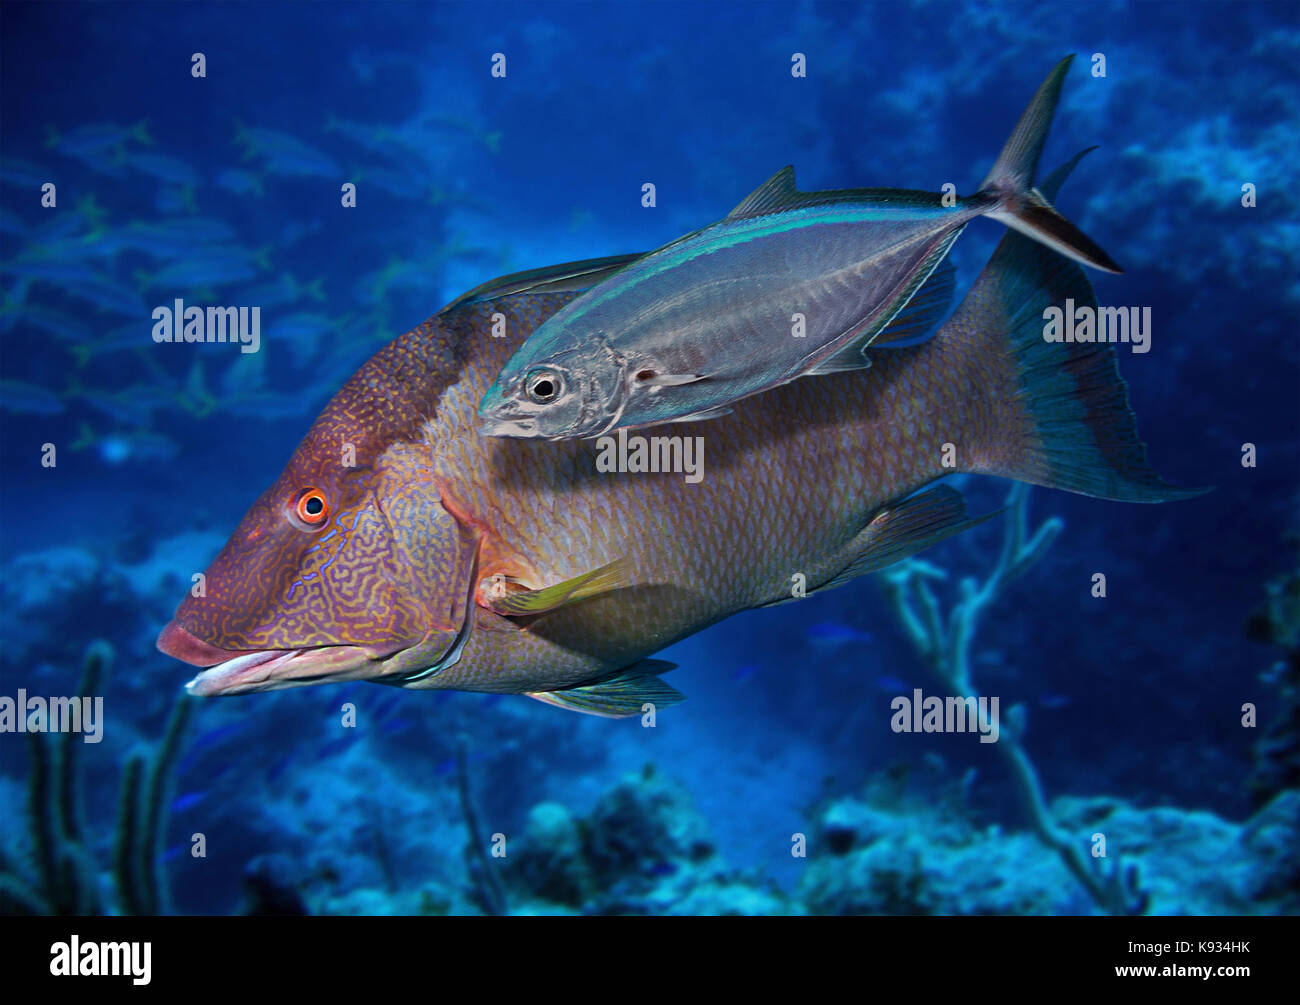 Juvenile Bar Jack, Caranx ruber, spiegeln eine Hogfish, Lachnolaimus Maximus. Der Junge Jack versteckt in der Nähe Stockbild